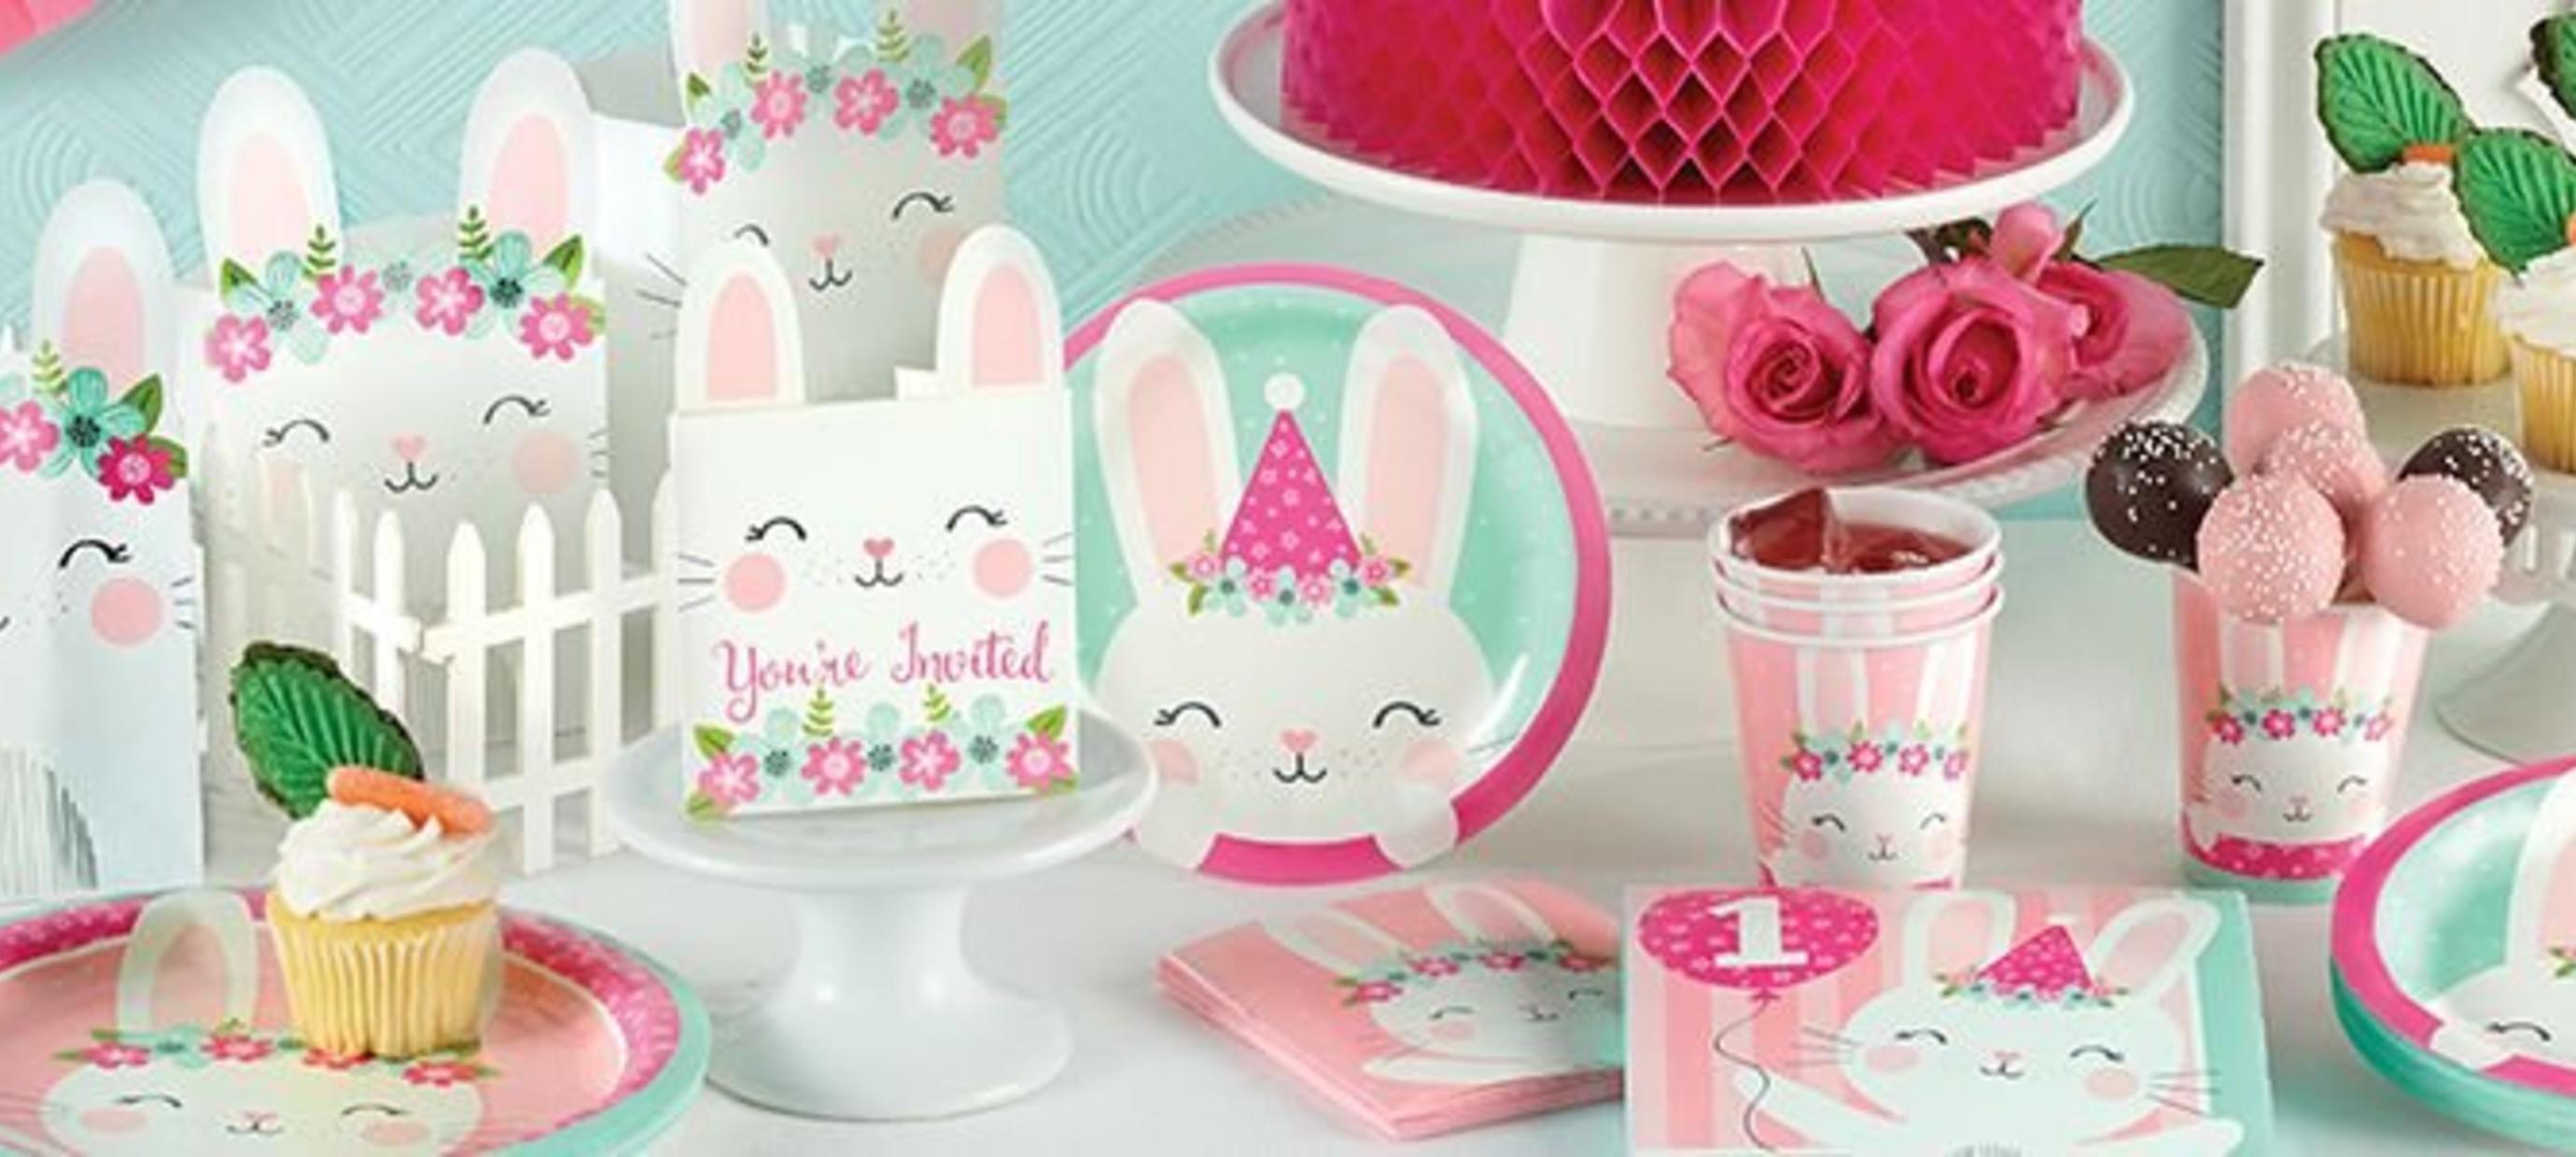 Bunny verjaardag